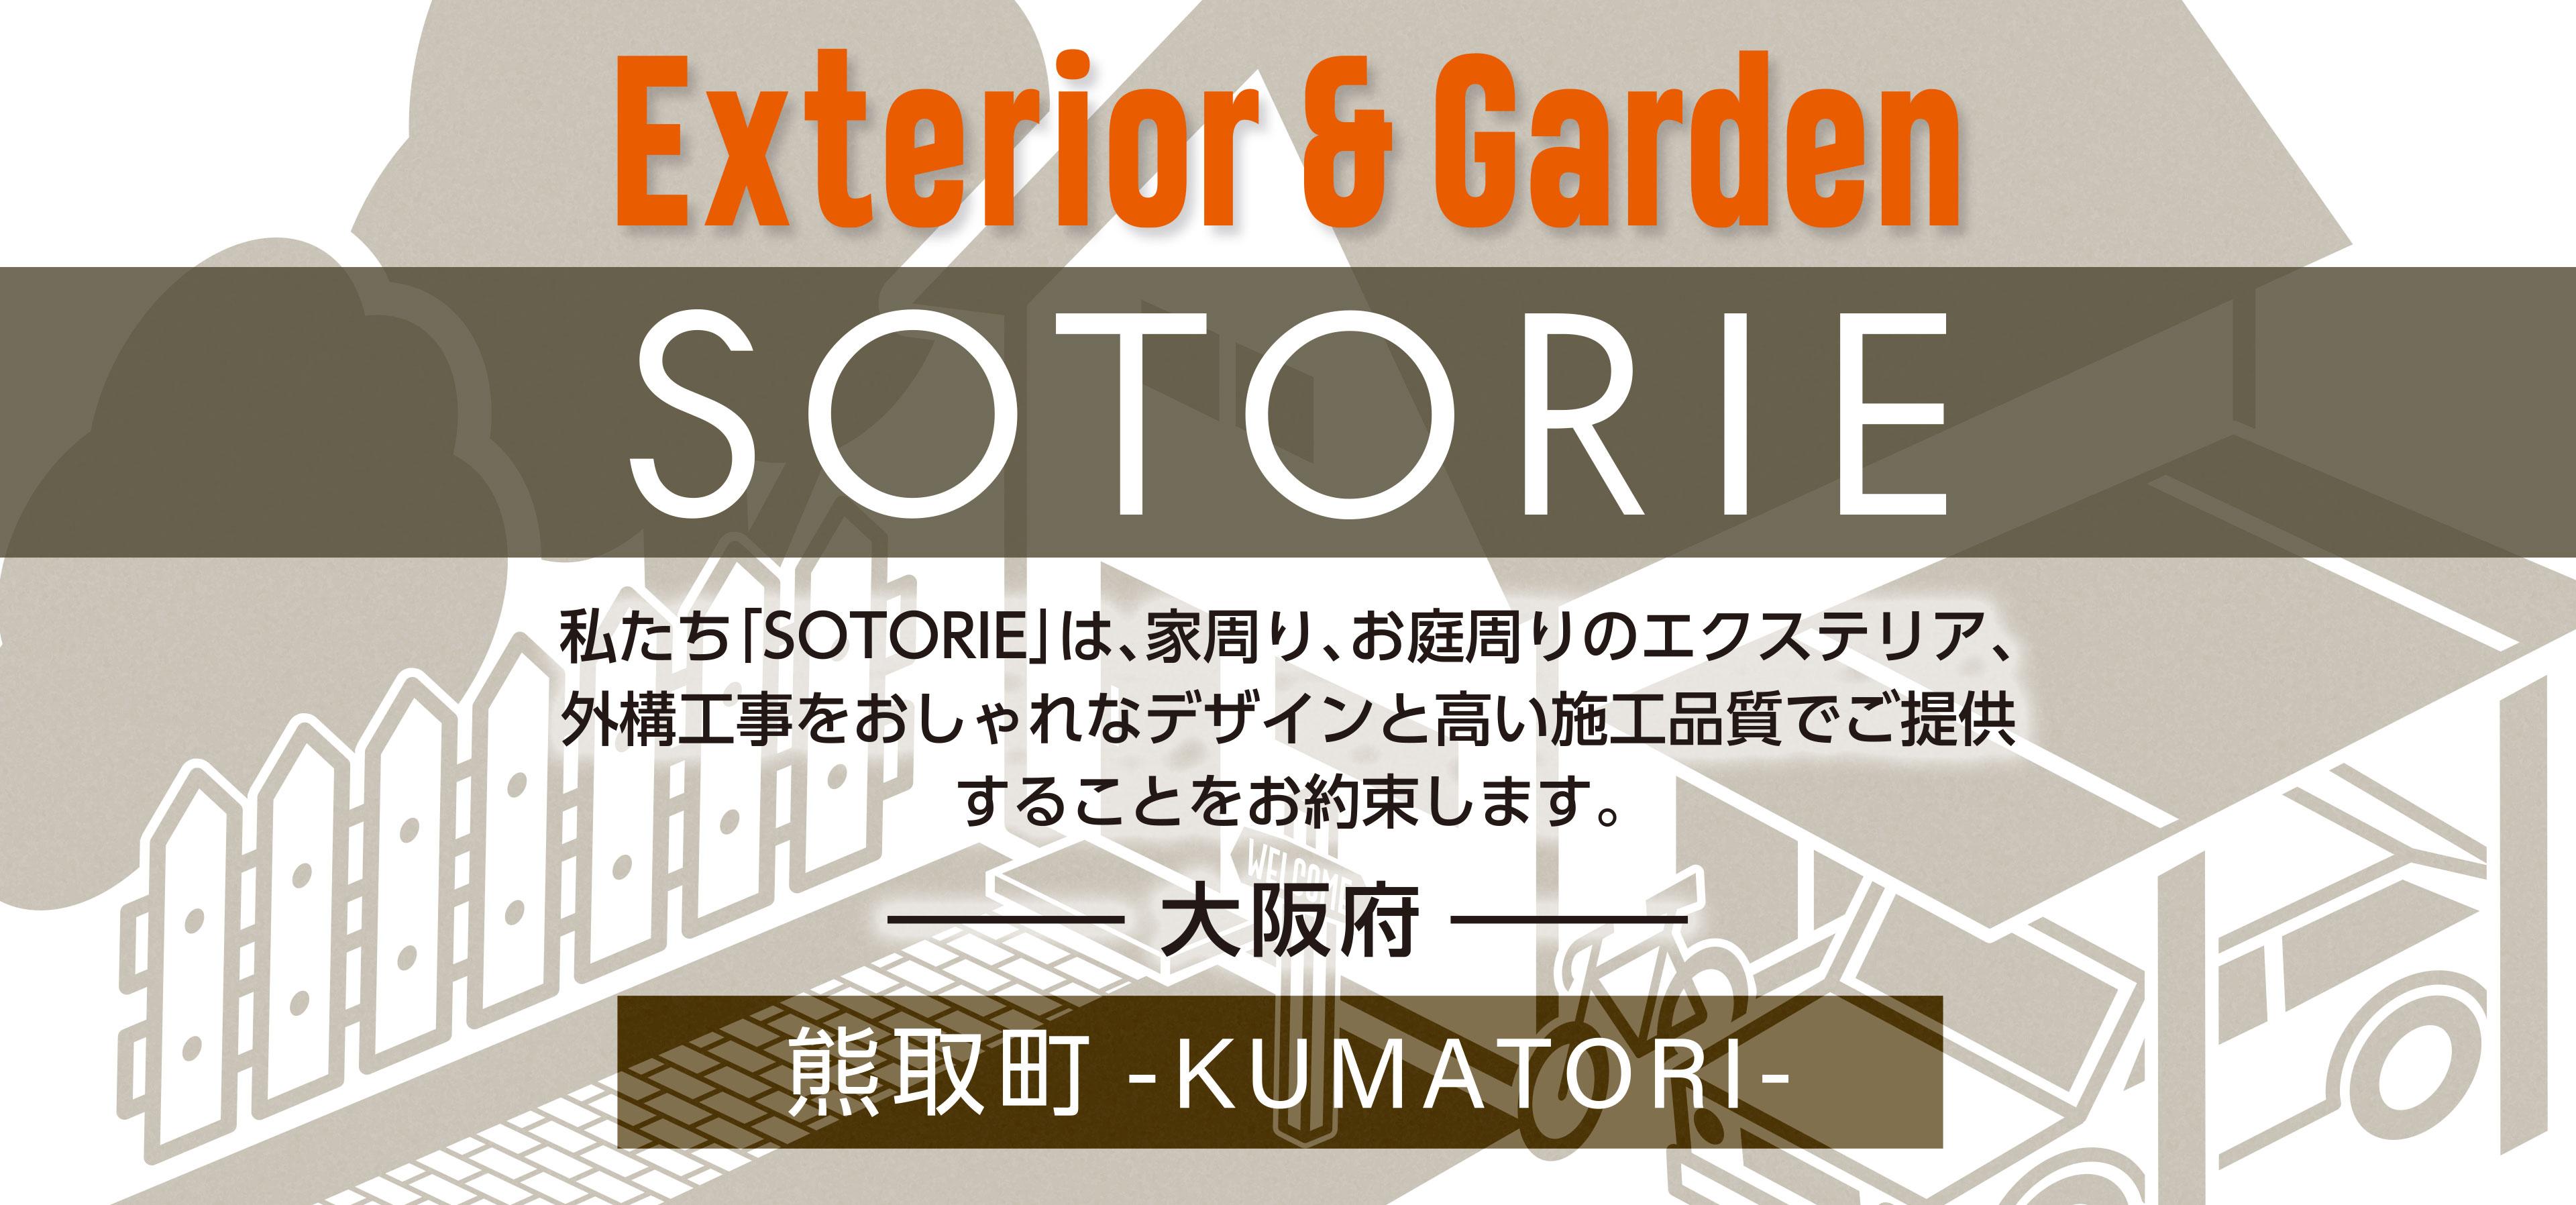 ソトリエ泉南郡熊取町では、家周りと庭周りの外構、エクステリア工事をおしゃれなデザインと高い施工品質でご提供することをお約束します。